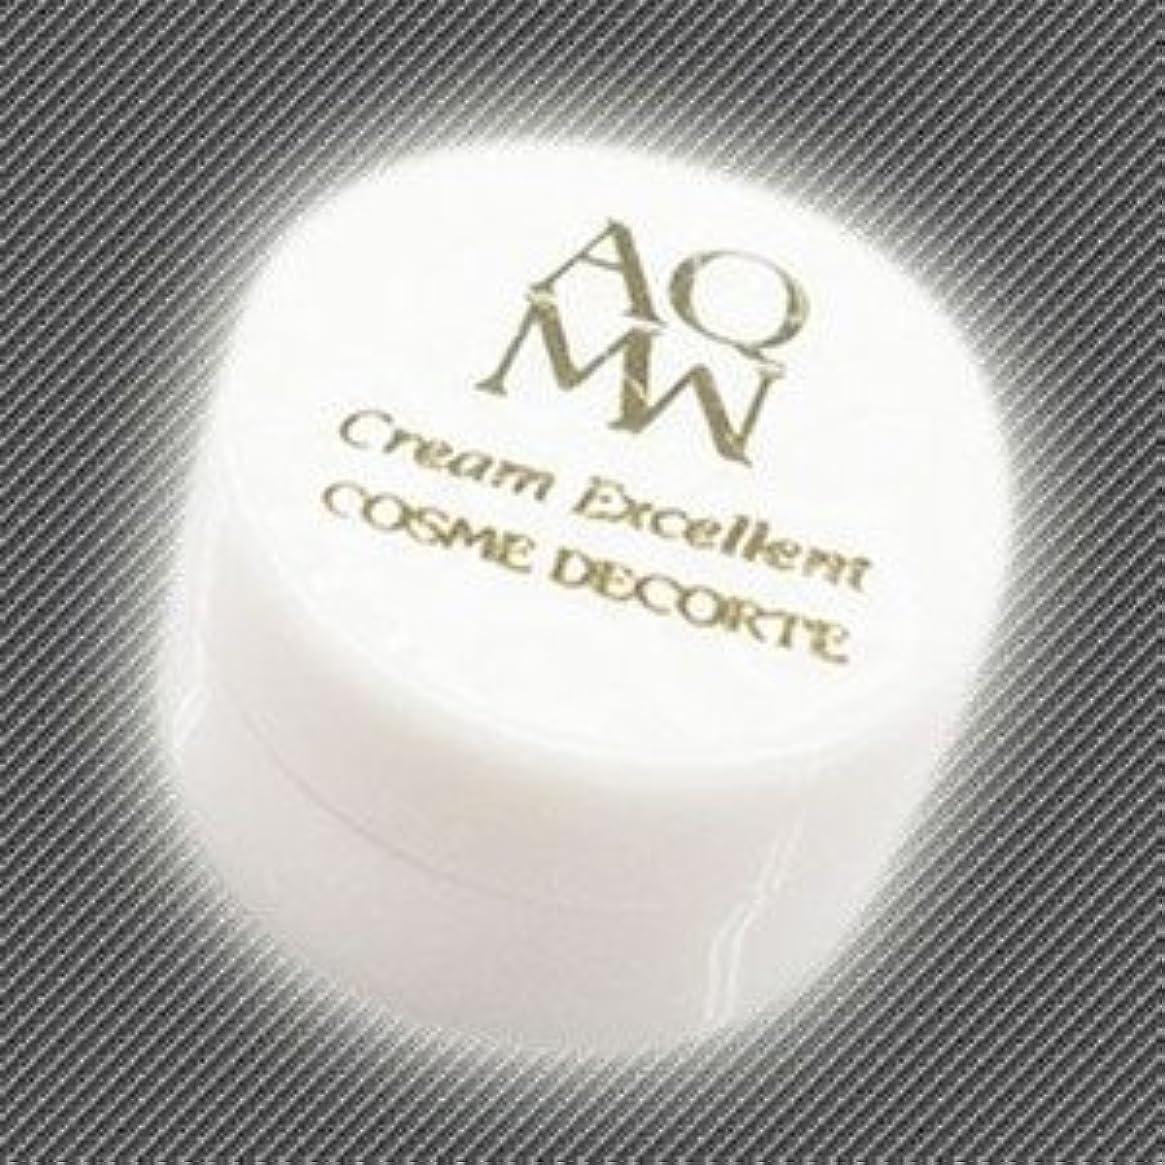 控えめな診断する松コスメデコルテ AQ MW クリームエクセレント 2.4ml(ミニ)